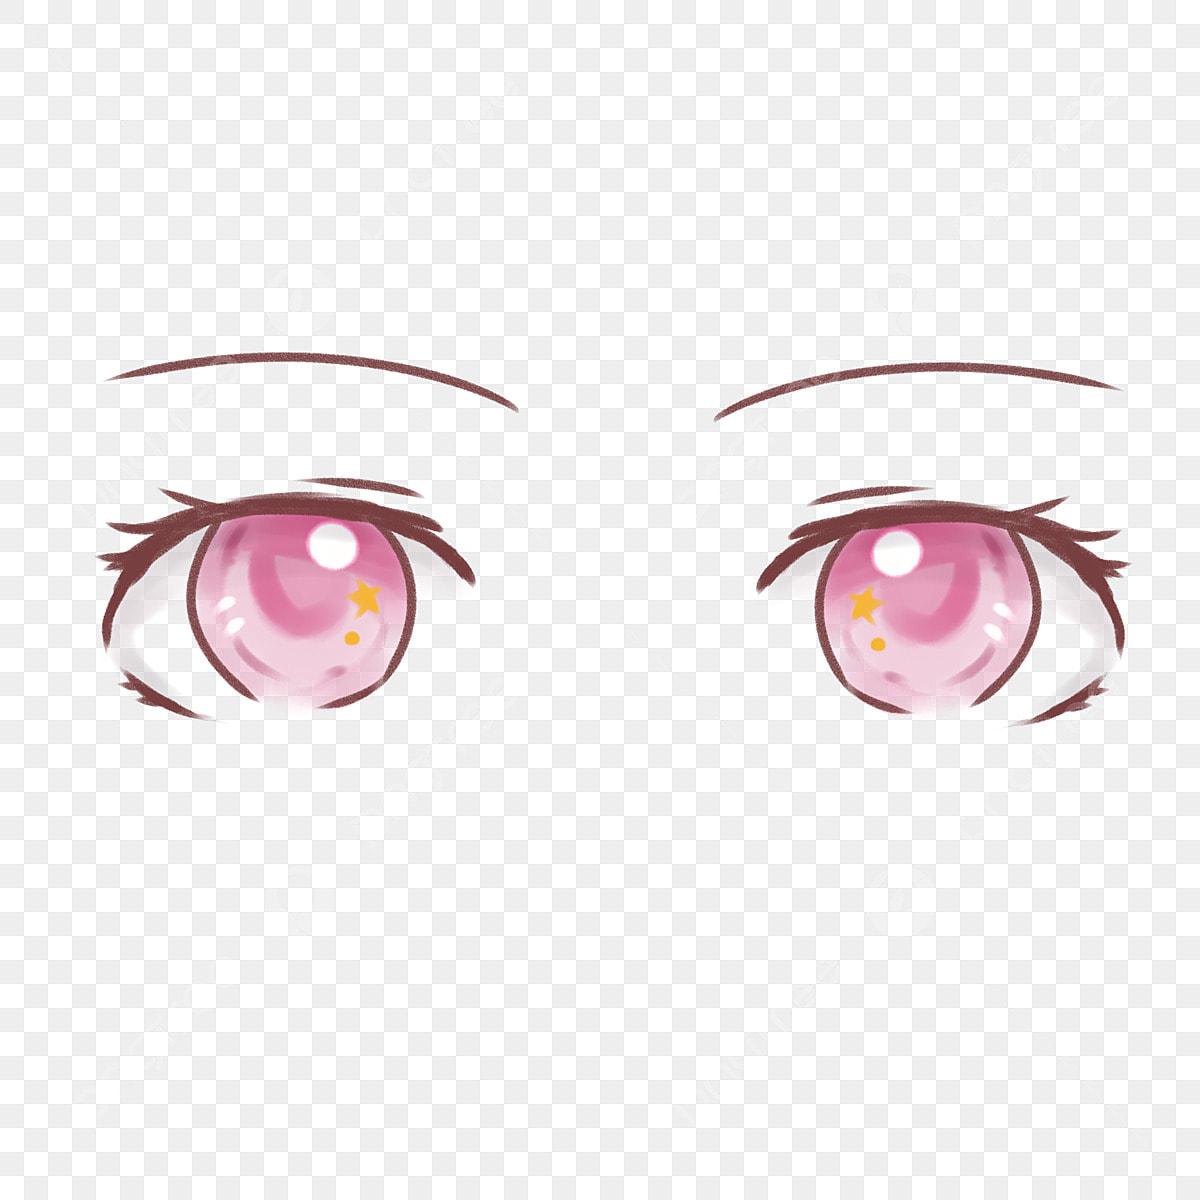 Desenho Animado Japones Japones Quadrinhos Cristal Brilhante Anime Estilo Olhos Grandes Historias Em Quadrinhos Animes Desenho Animado Imagem Png E Psd Para Download Gratuito